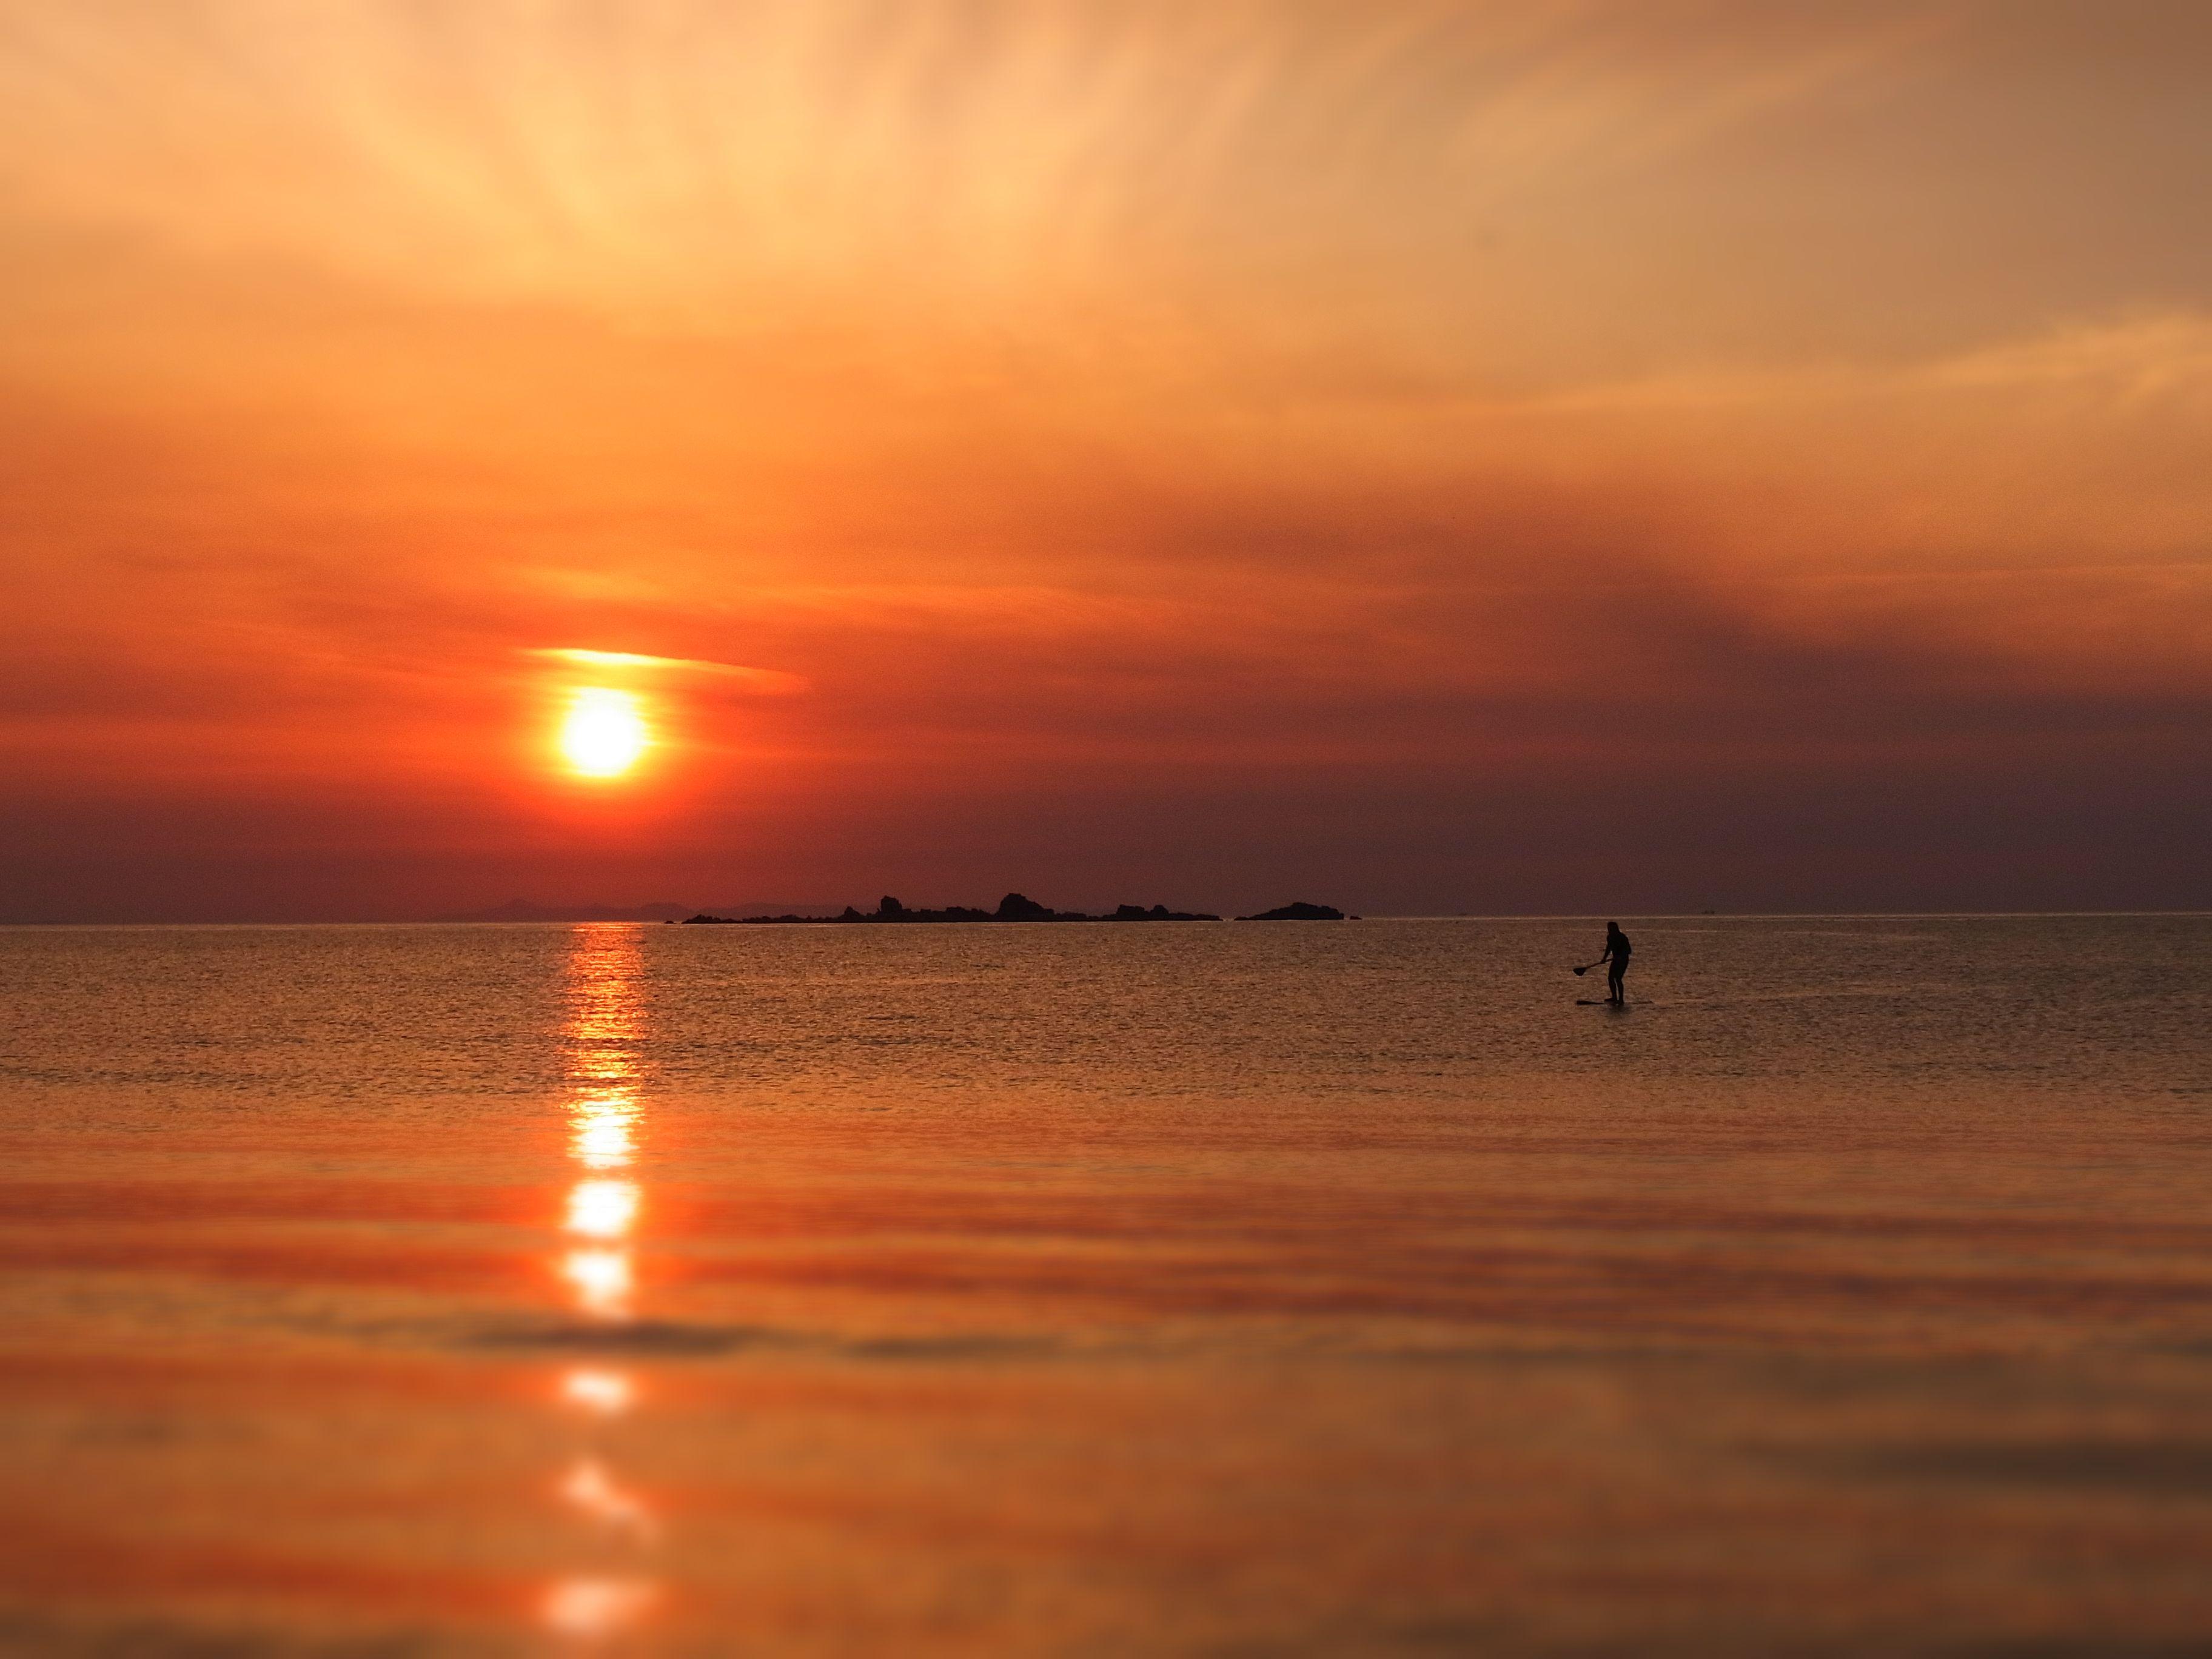 綺麗な夕陽を見ながら 福岡 キャンプ 糸島